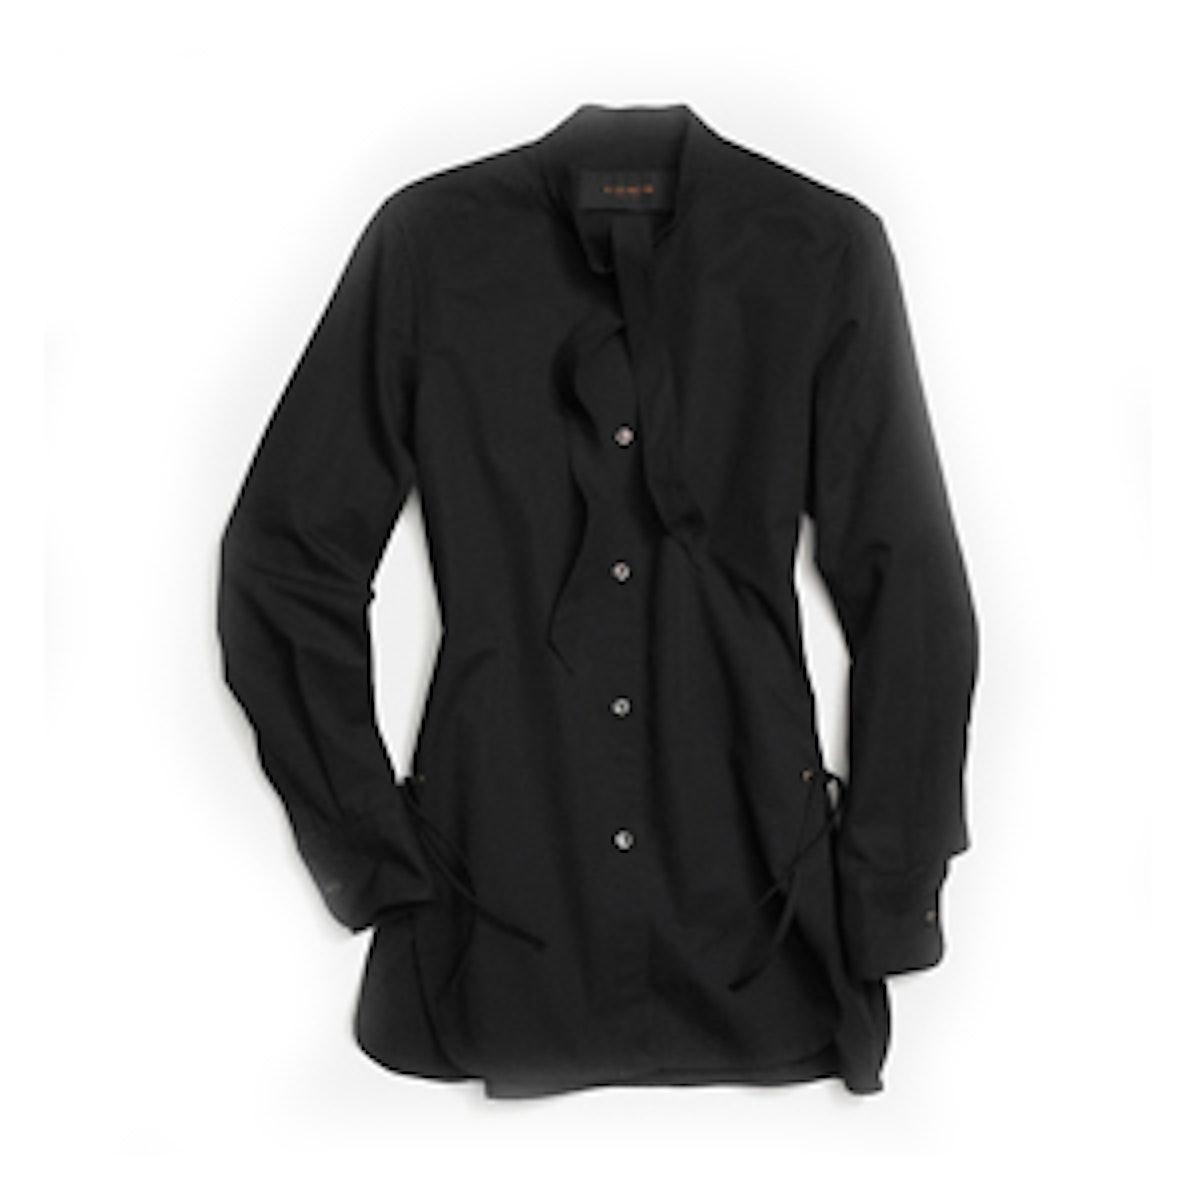 Cotton Tie Collar Shirt